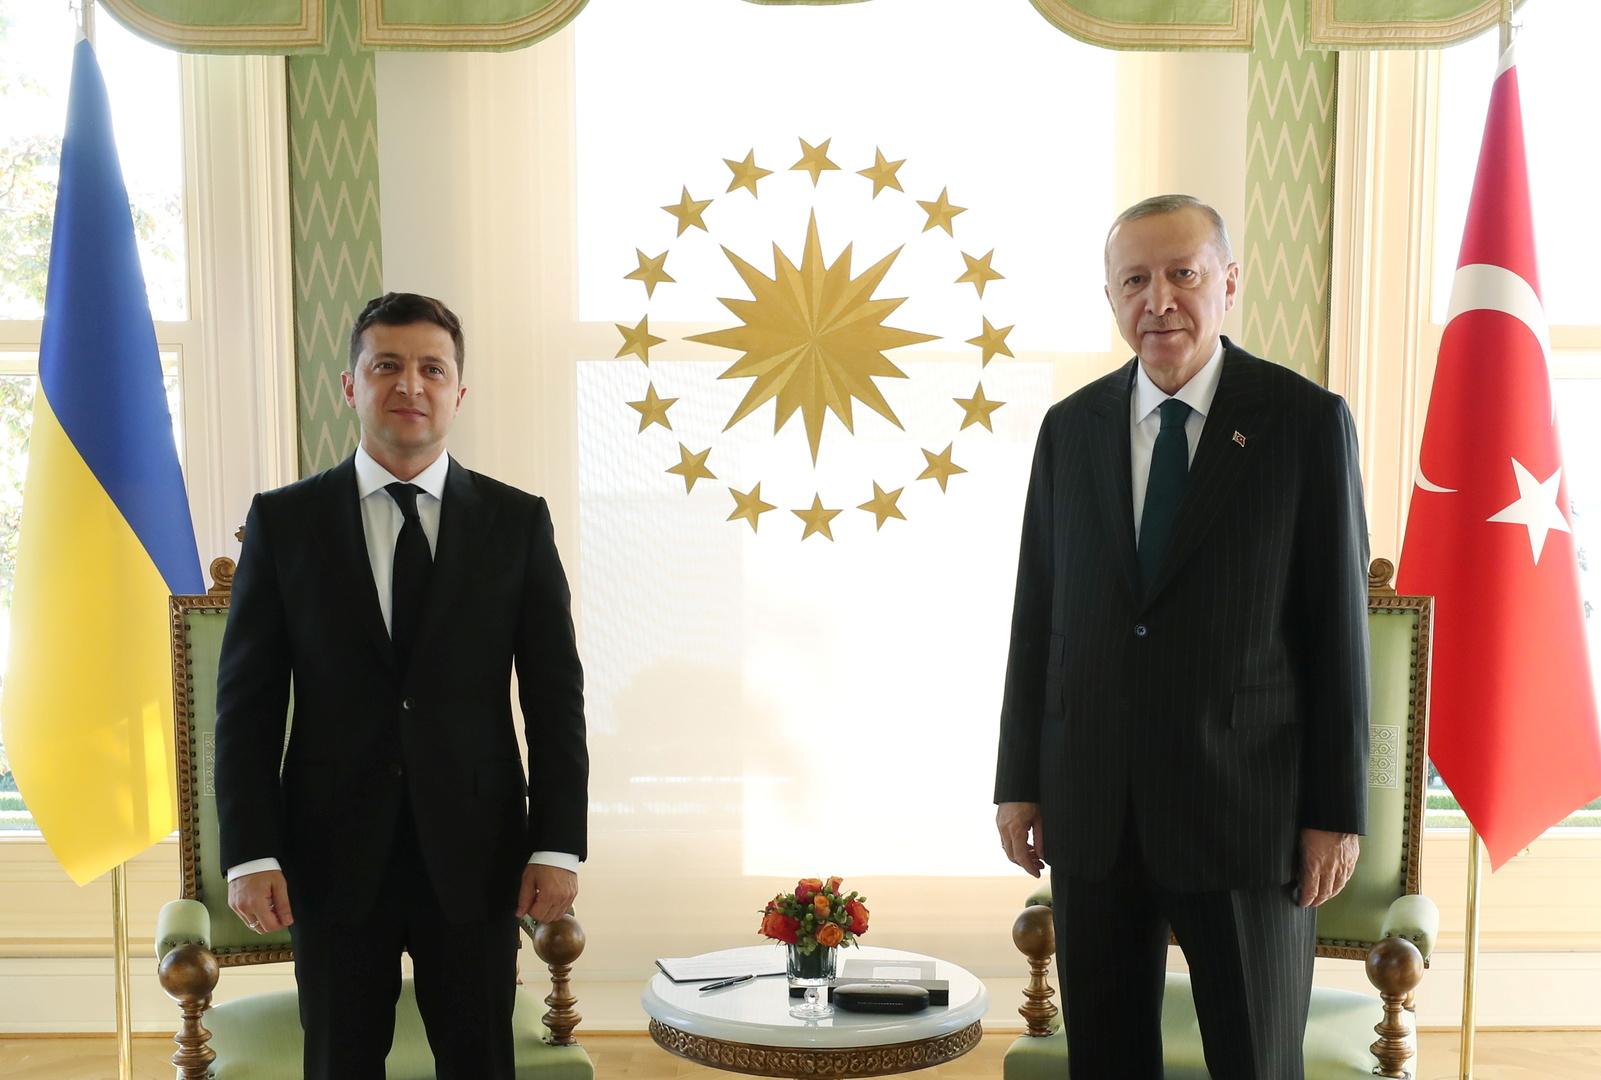 زيلينسكي يقلد أردوغان وسام دولة (صورة)